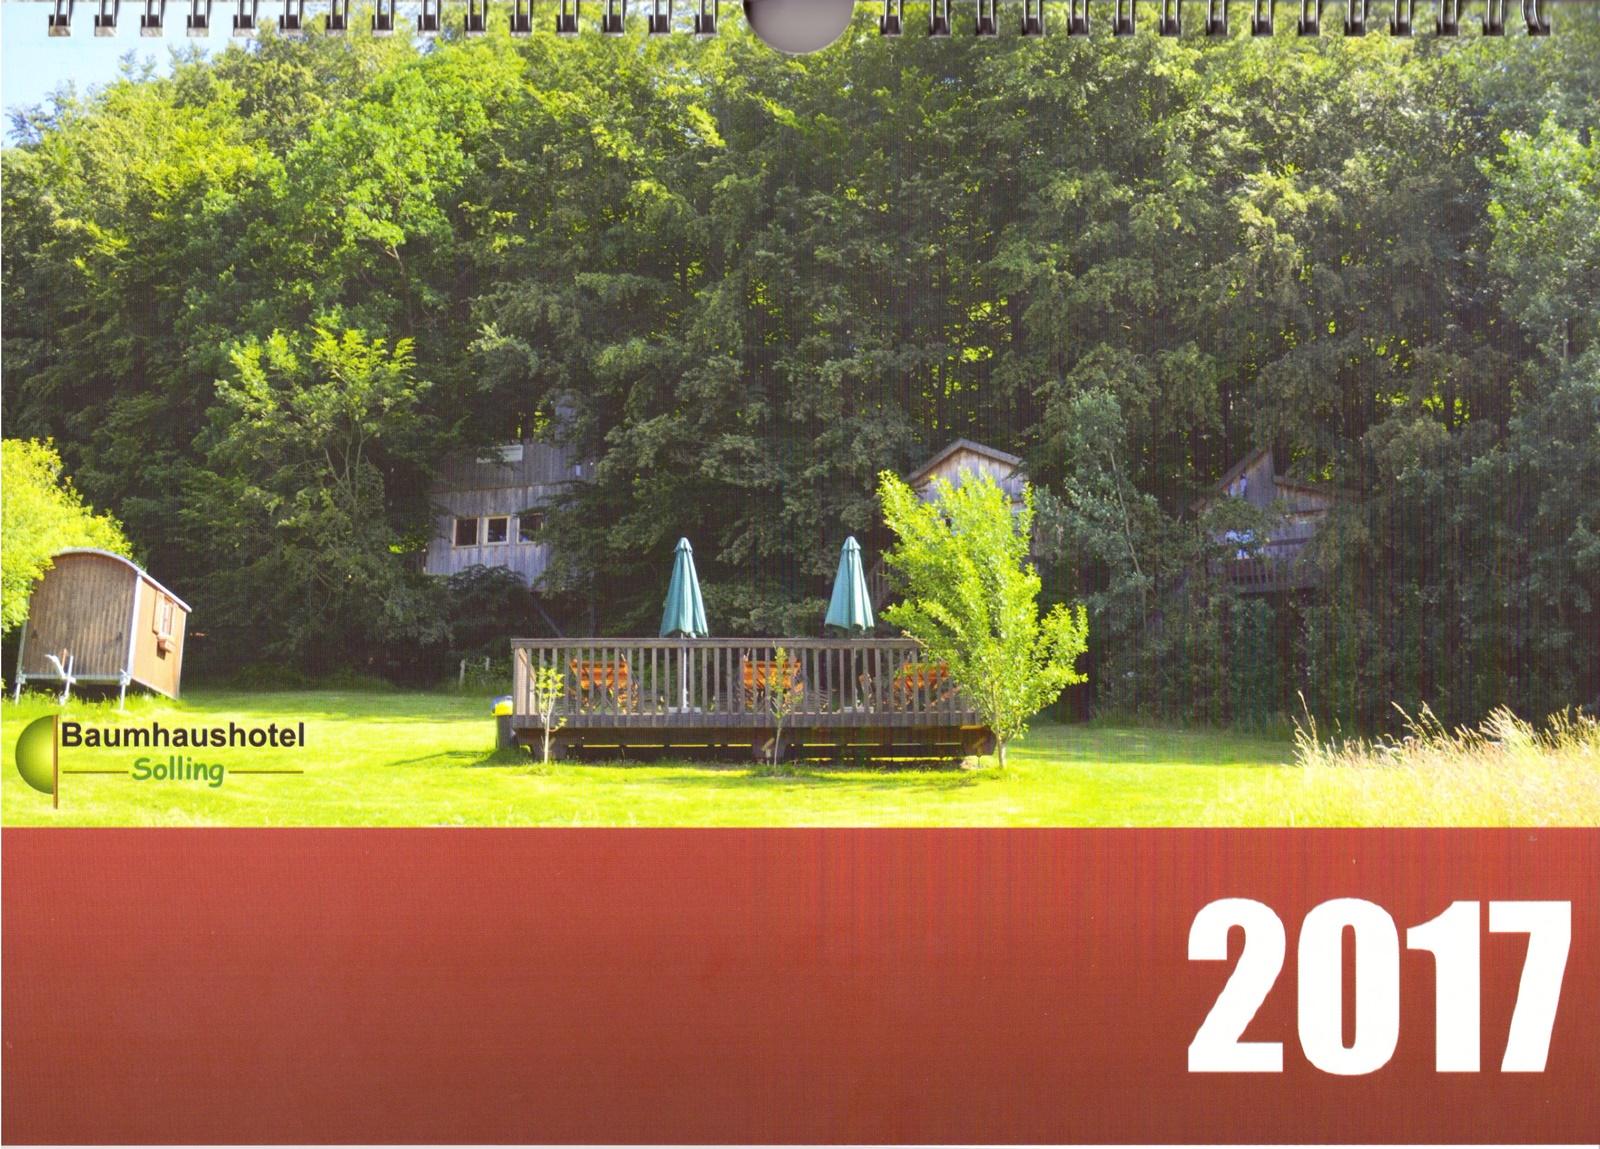 kalender 2017 baumhaushotel solling. Black Bedroom Furniture Sets. Home Design Ideas